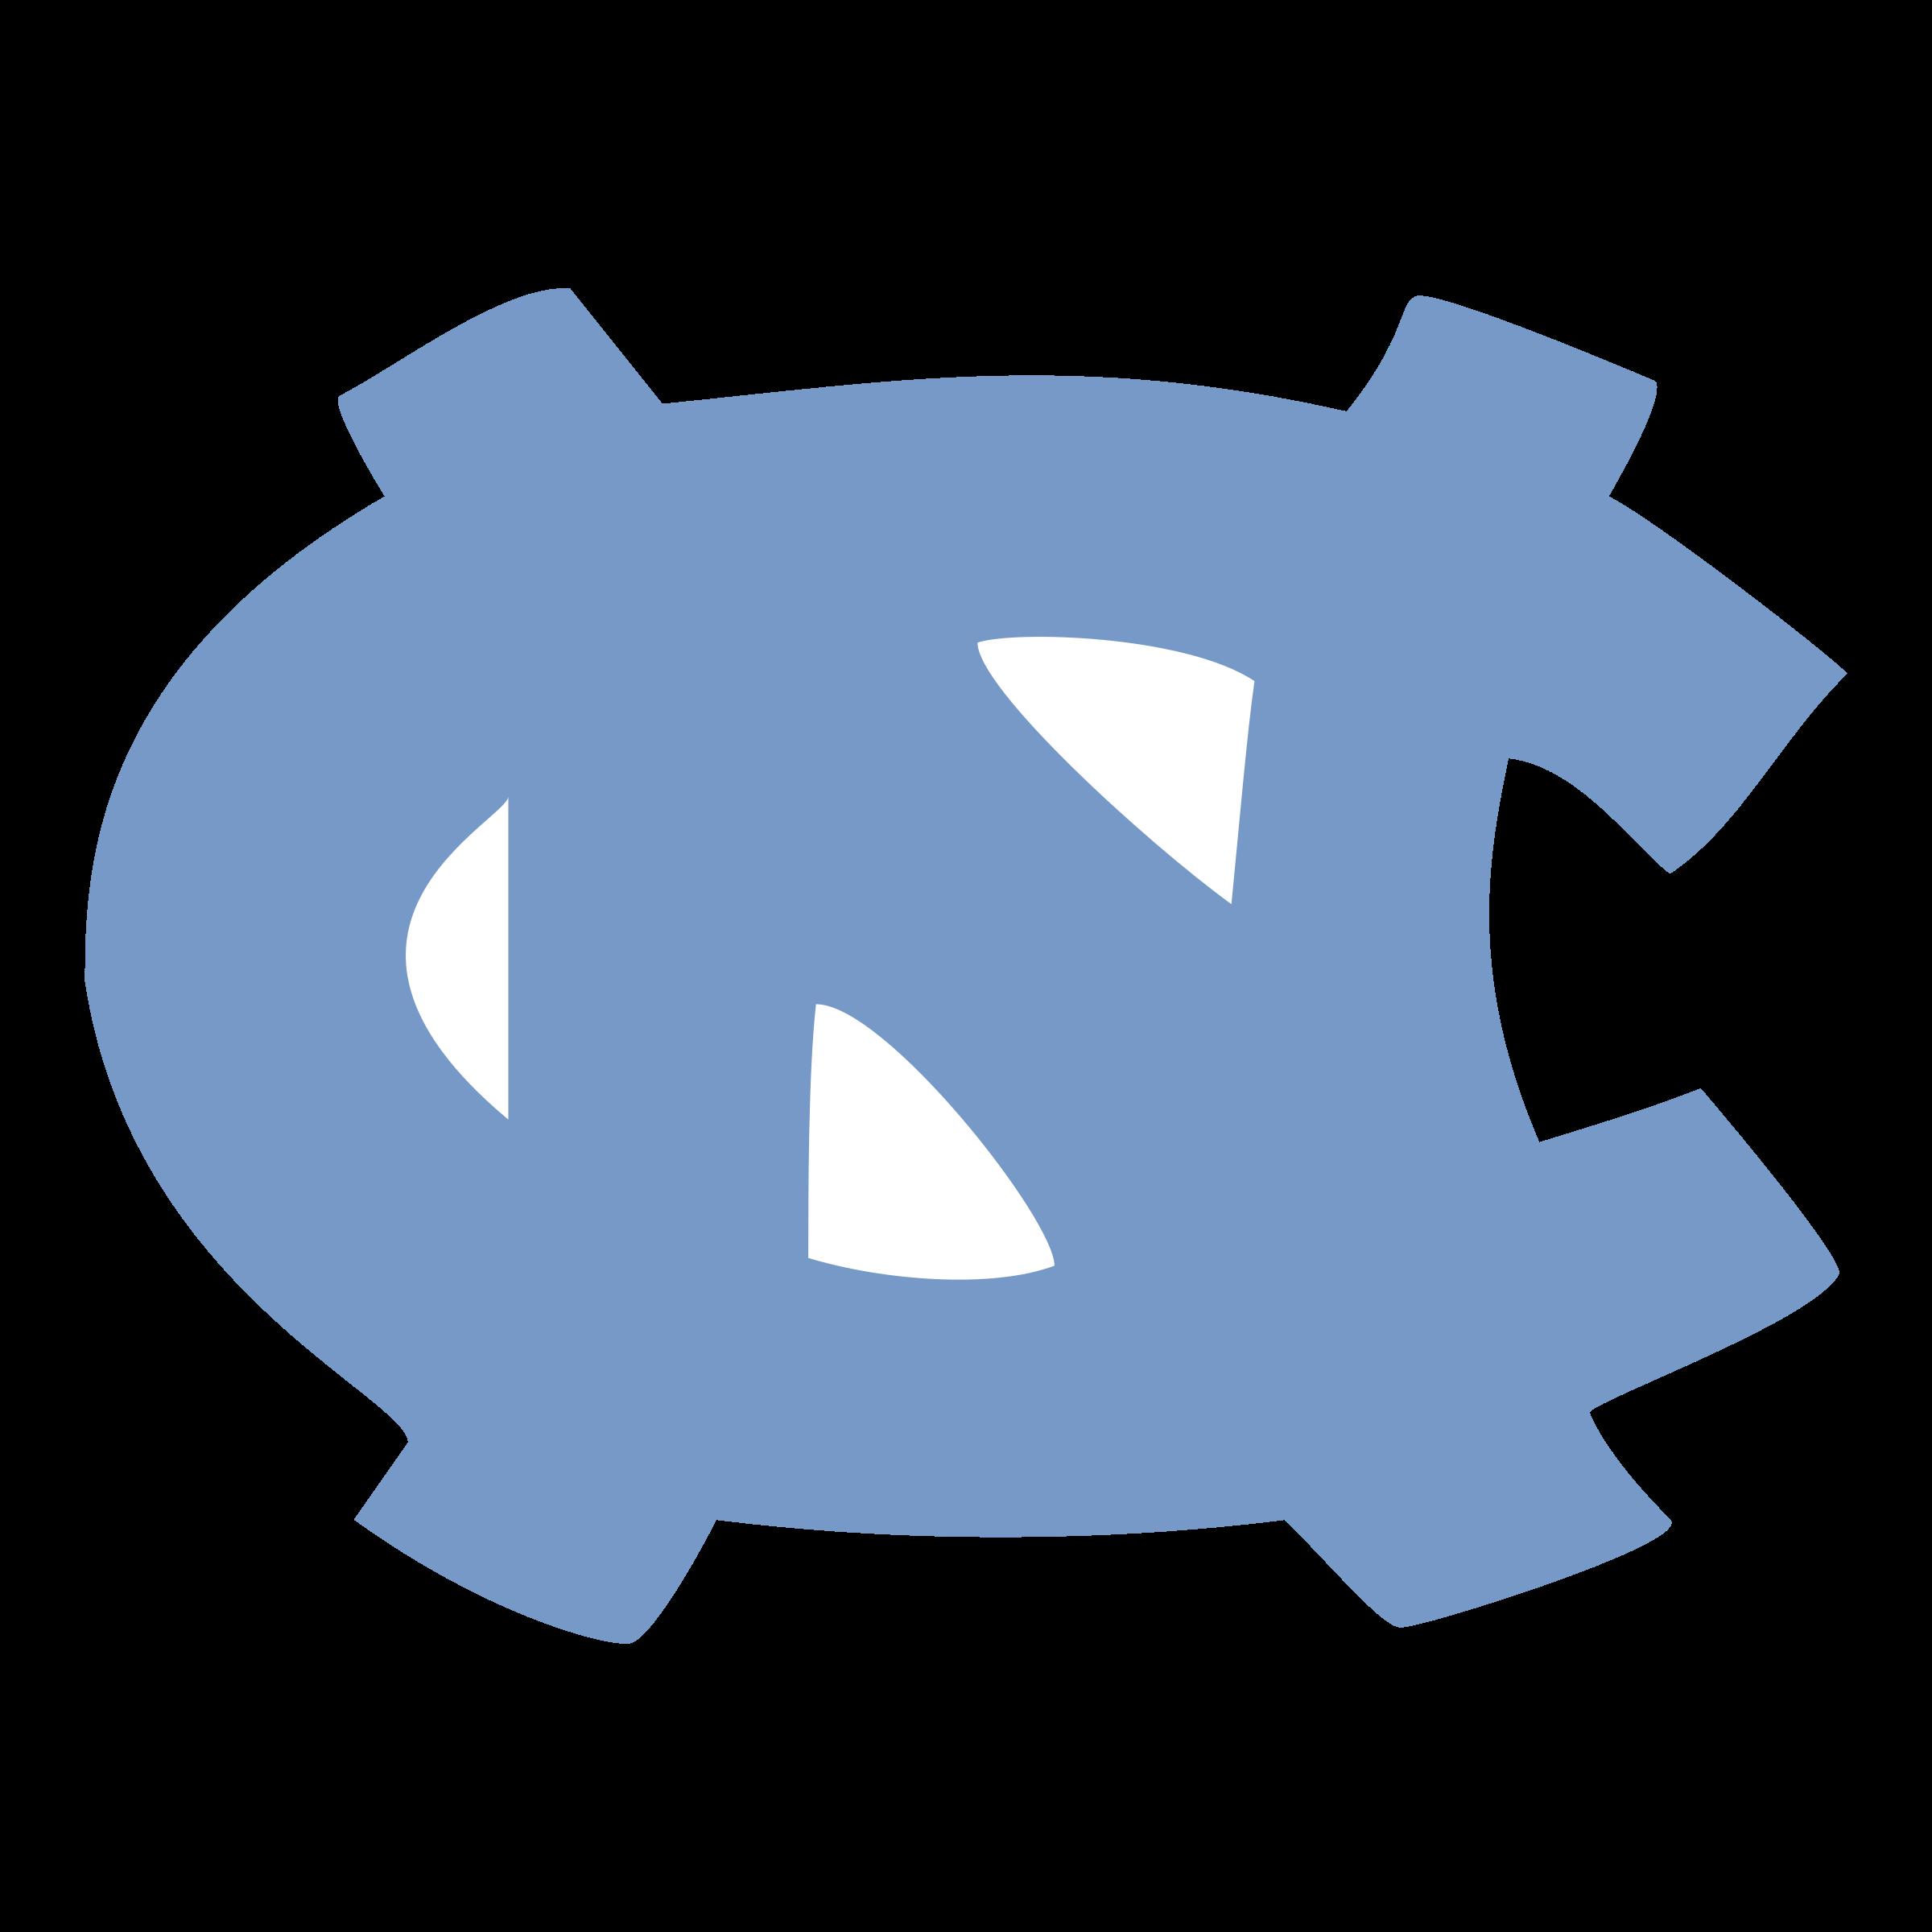 UNC Tar Heels Logo PNG Transparent & SVG Vector.